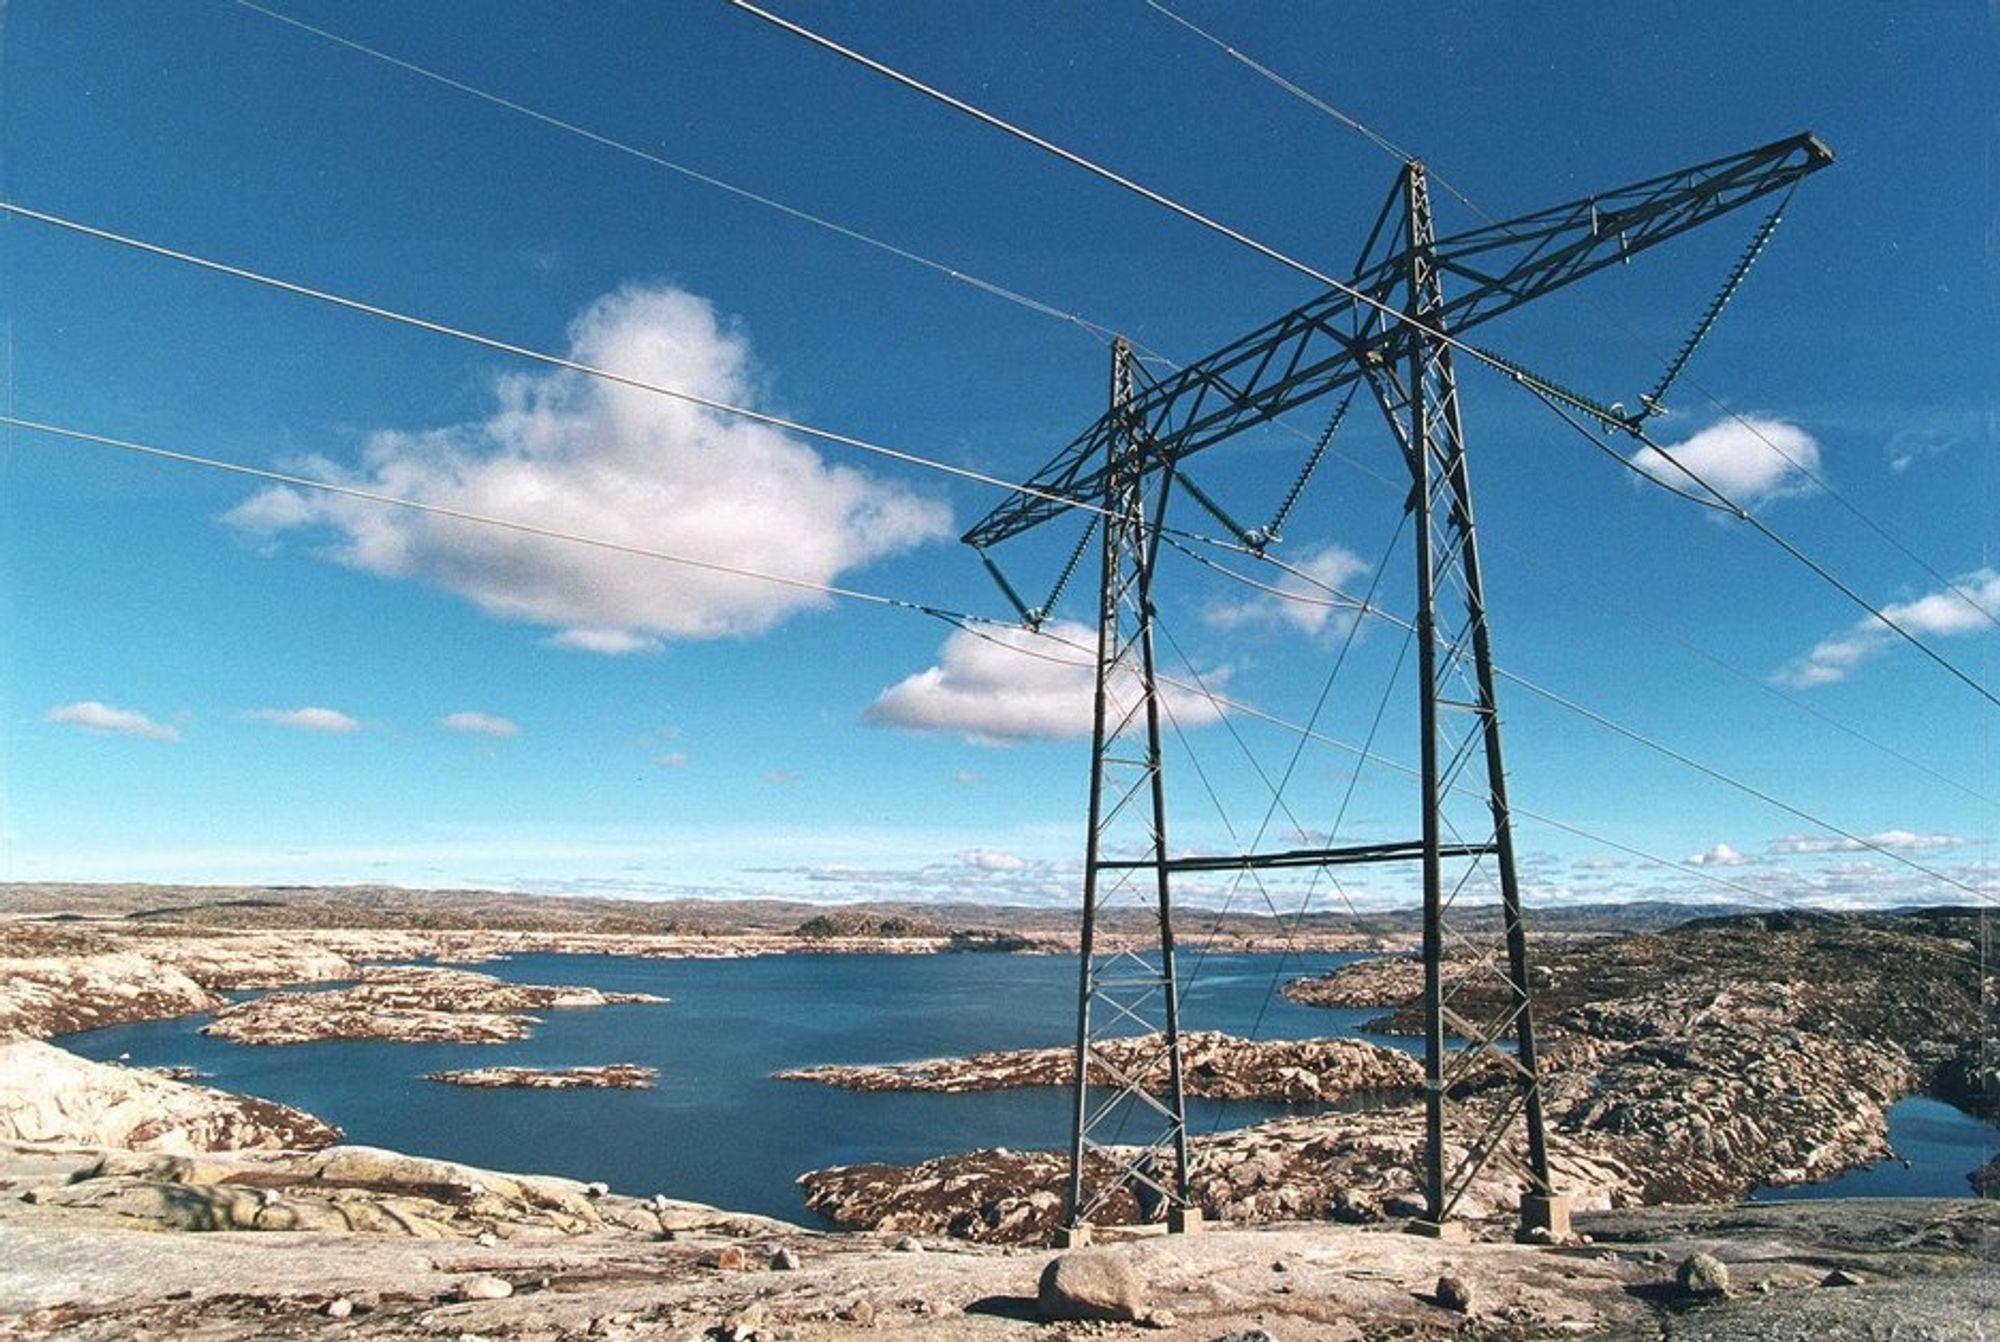 REKORD: Både kraftproduksjonen og forbruket av elektrisk kraft var rekordhøyt i fjor.